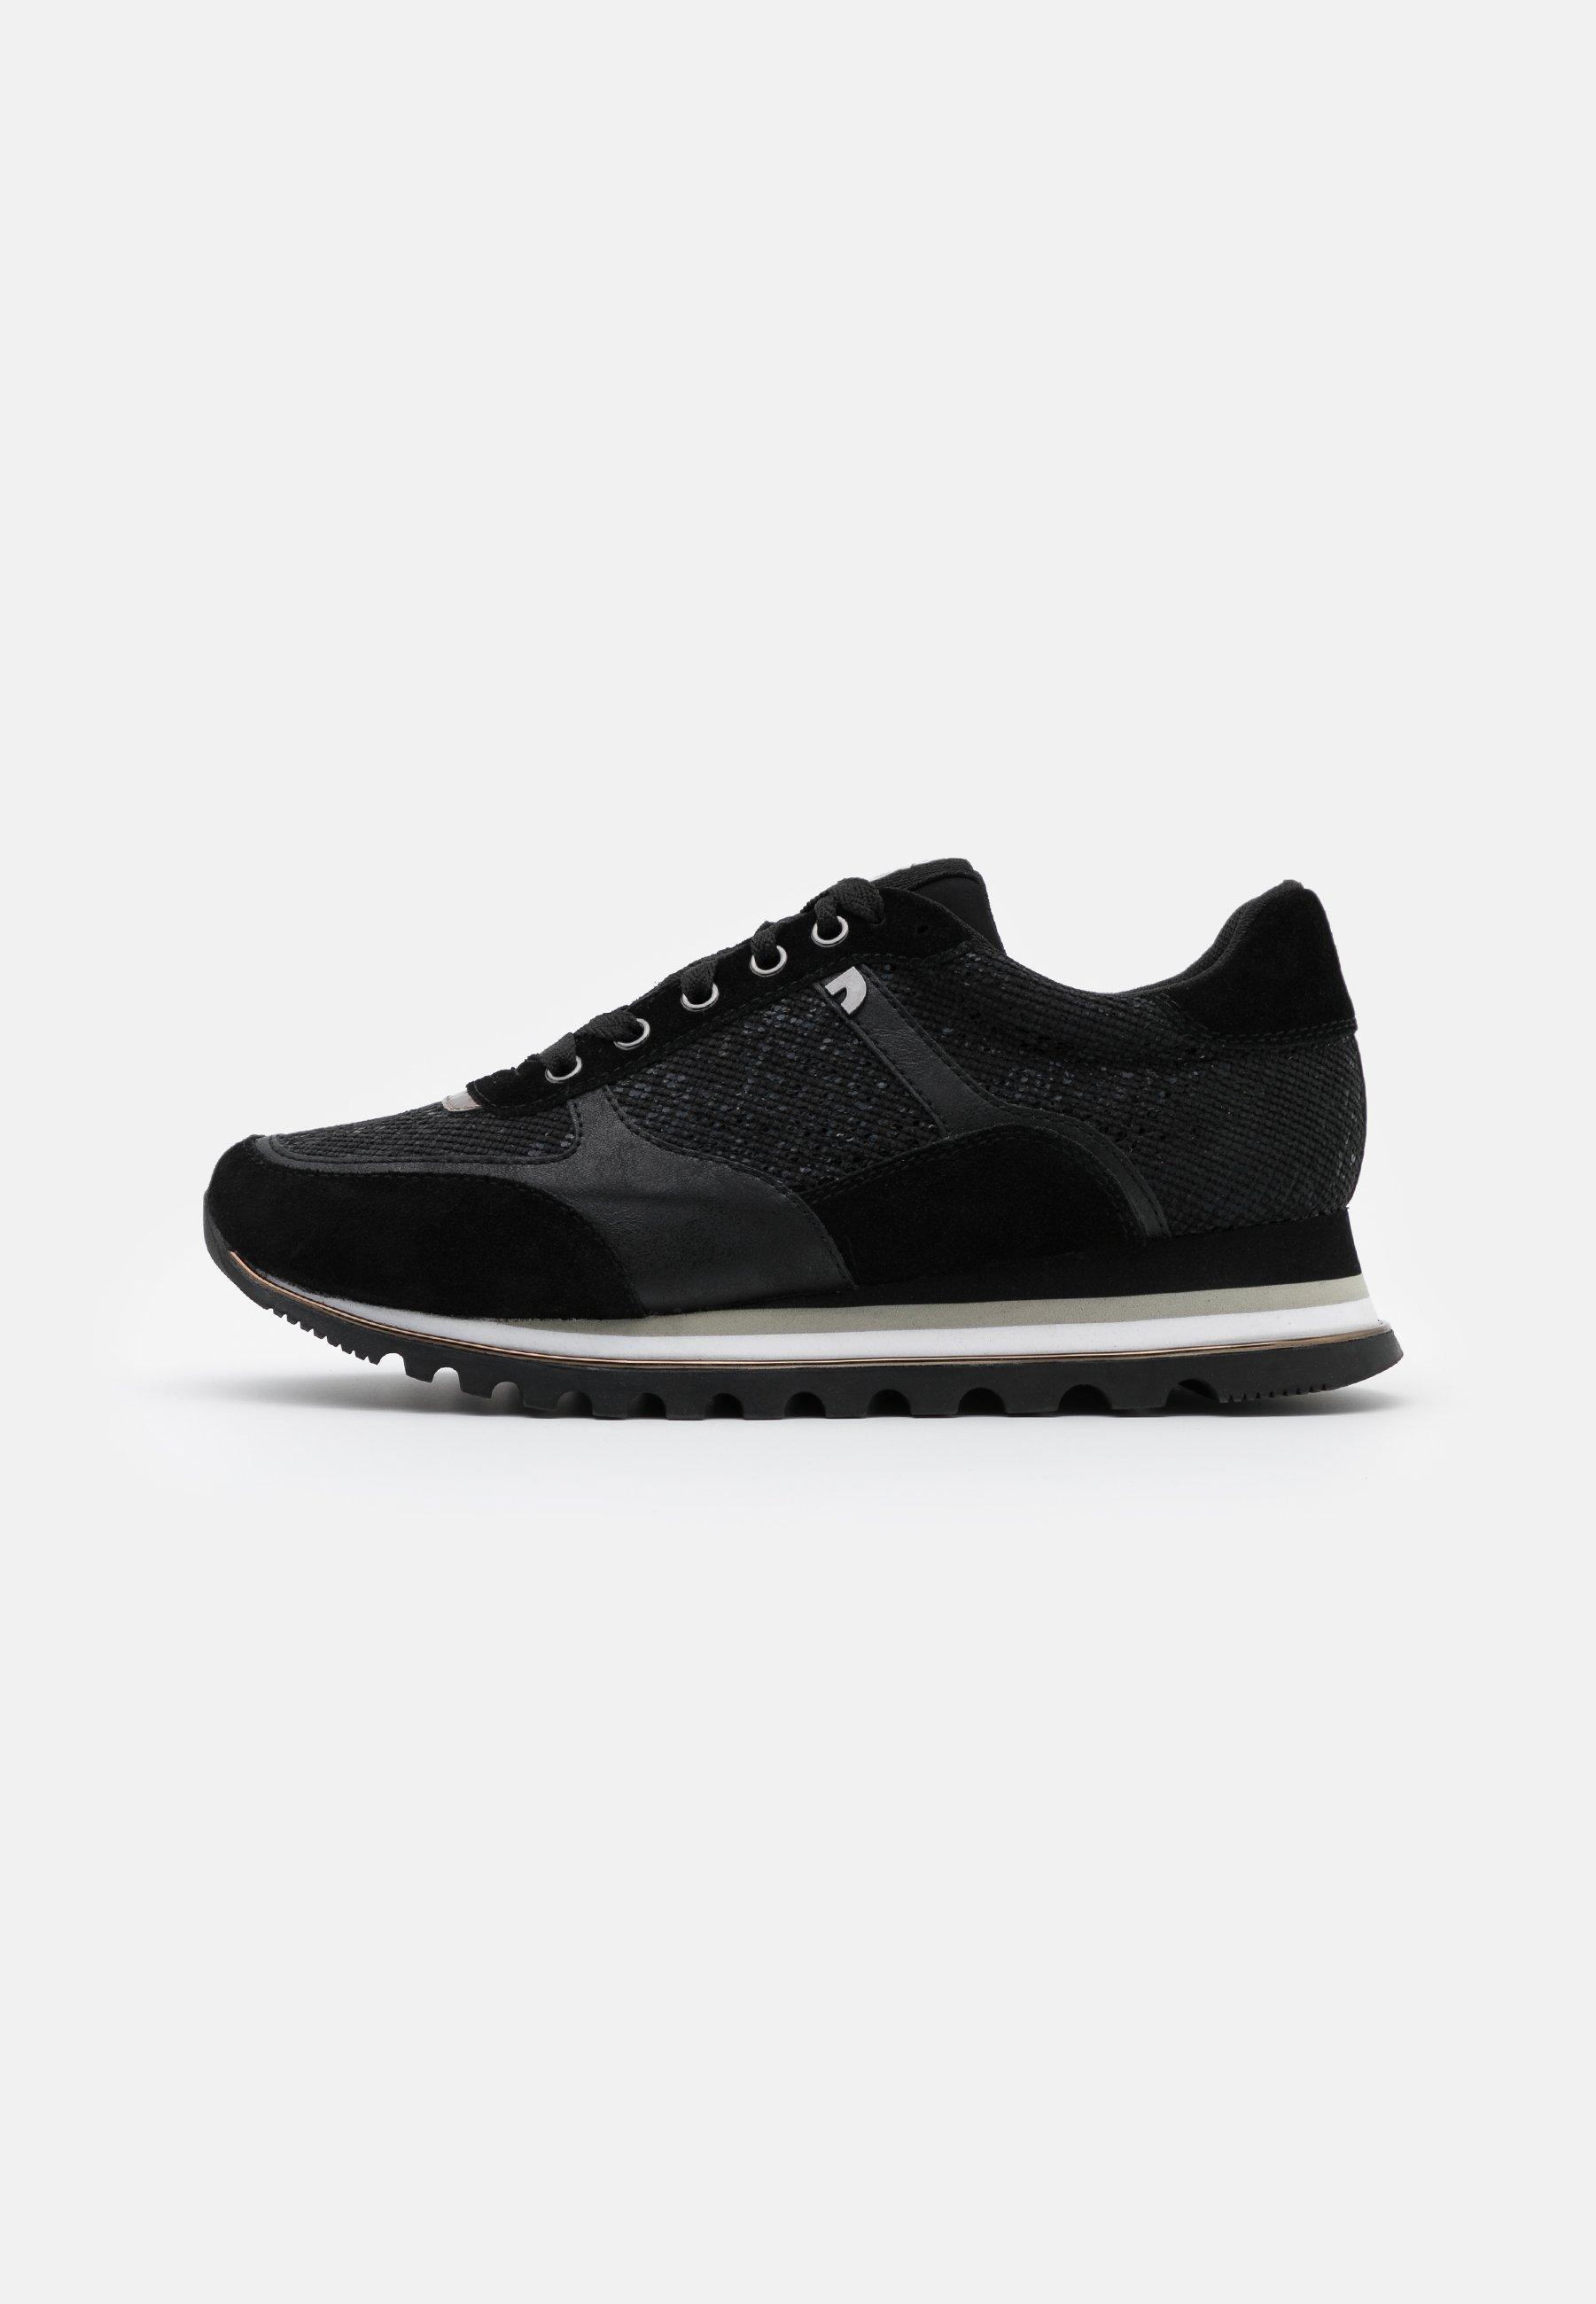 Gioseppo Daruvar - Sneakers Black